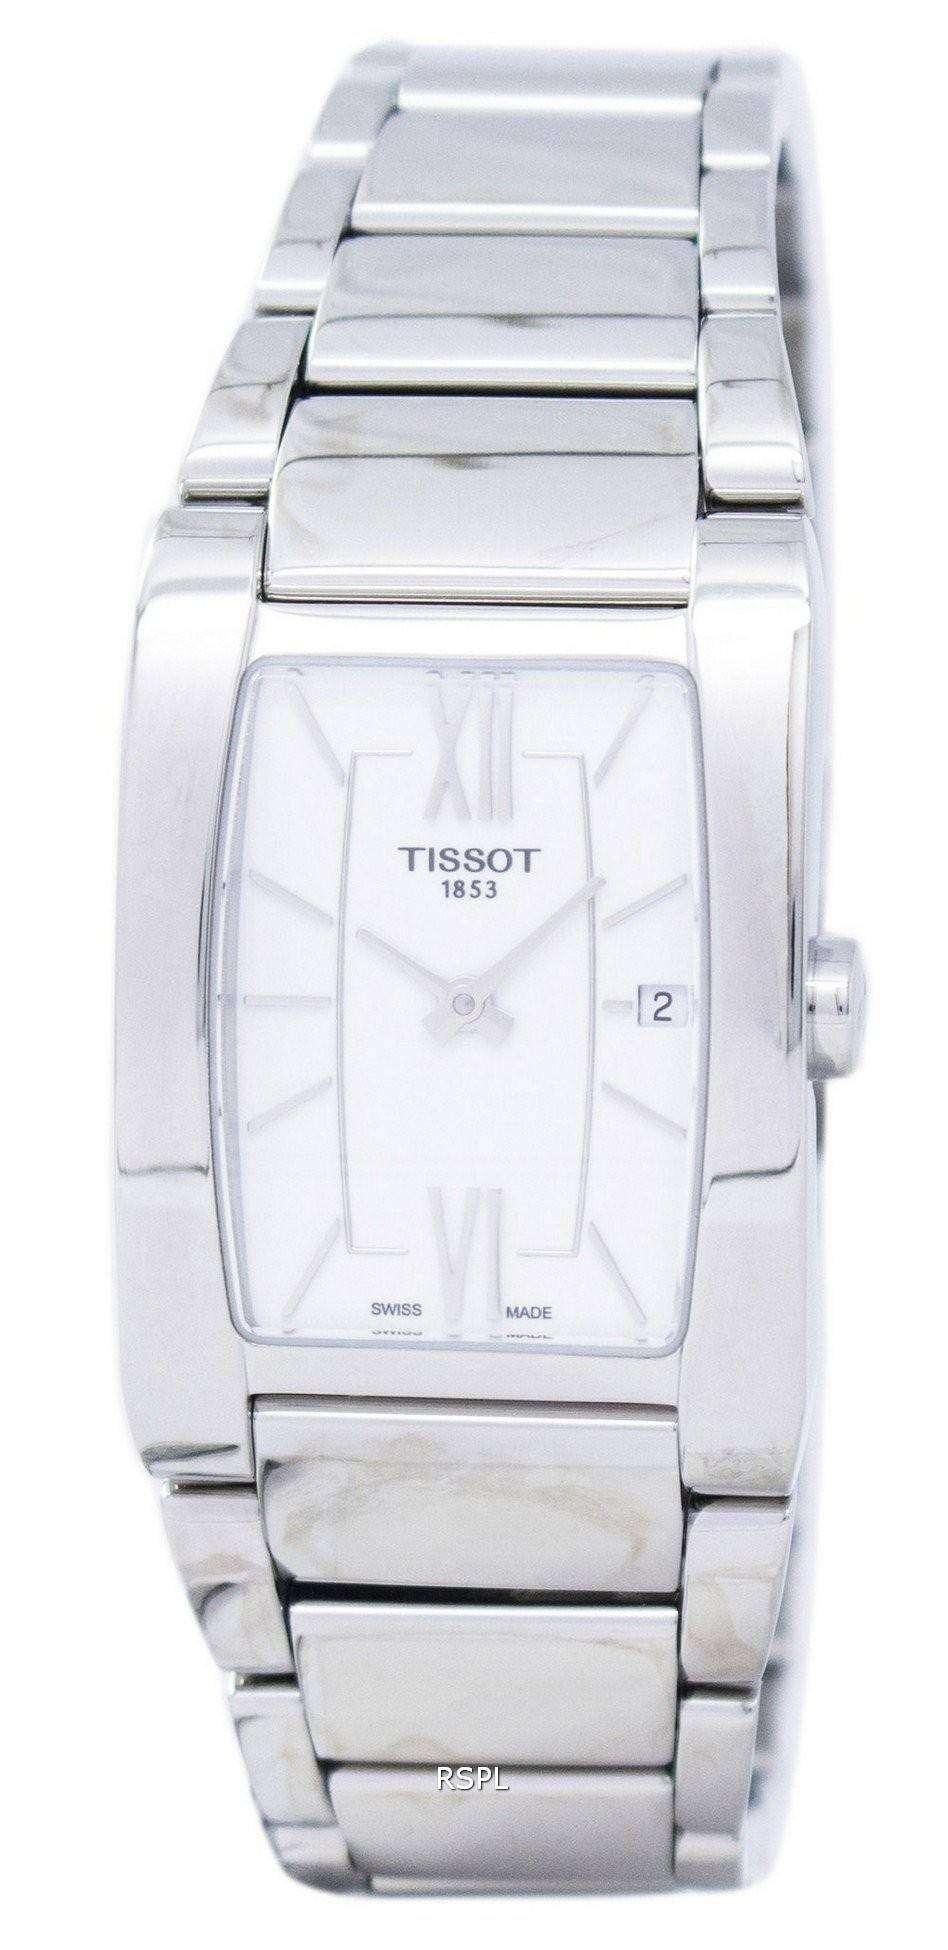 ティソ Generosi T 石英 T105.309.11.018.00 T1053091101800 レディース腕時計